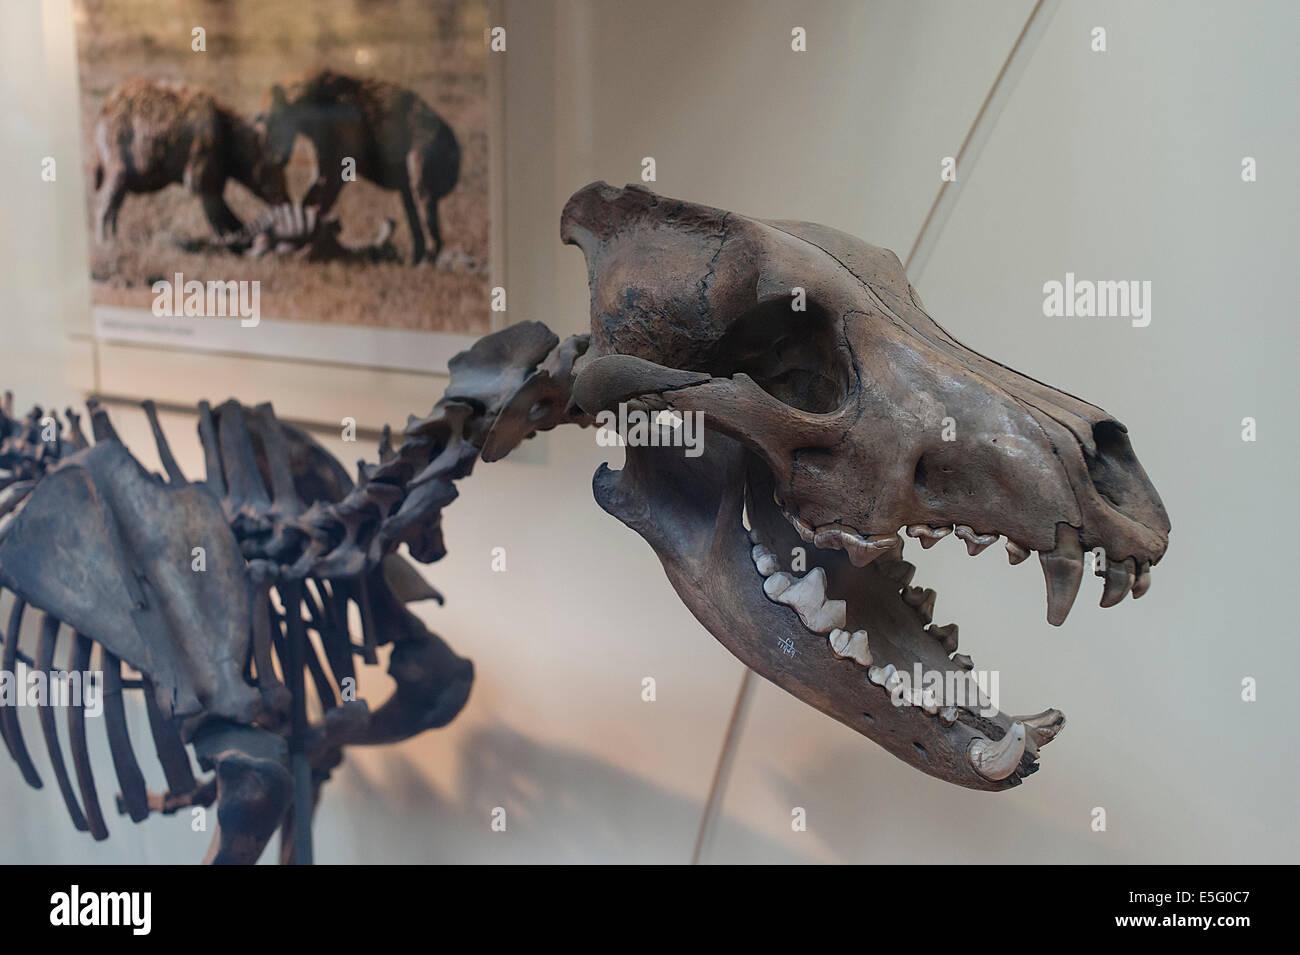 Squelette d'une espèce carnivore le loup Canis dirus, Pléistocène Banque D'Images